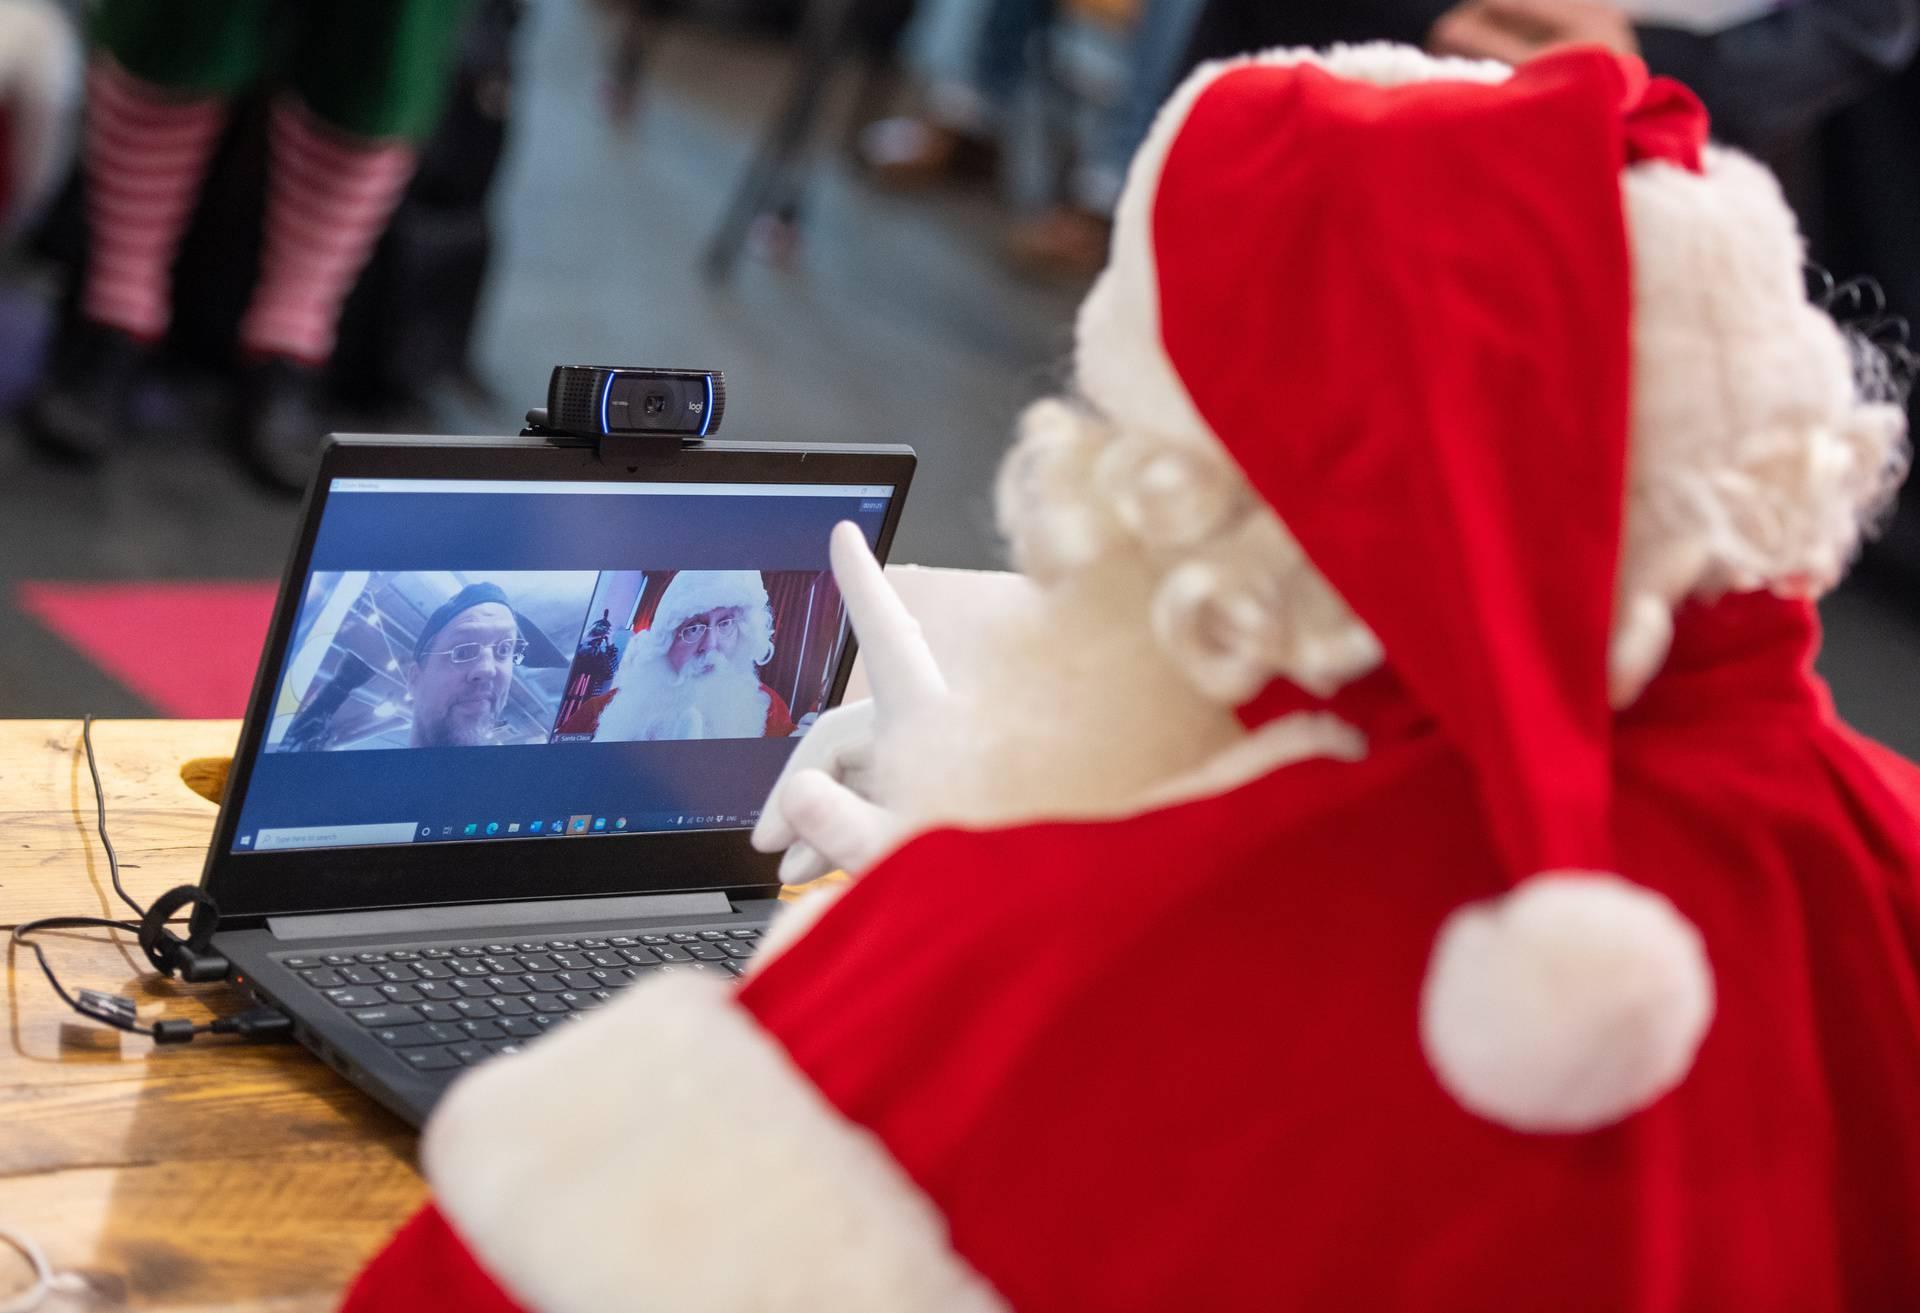 Umjesto djeteta u krilu, ove će godine Djedica držati laptop